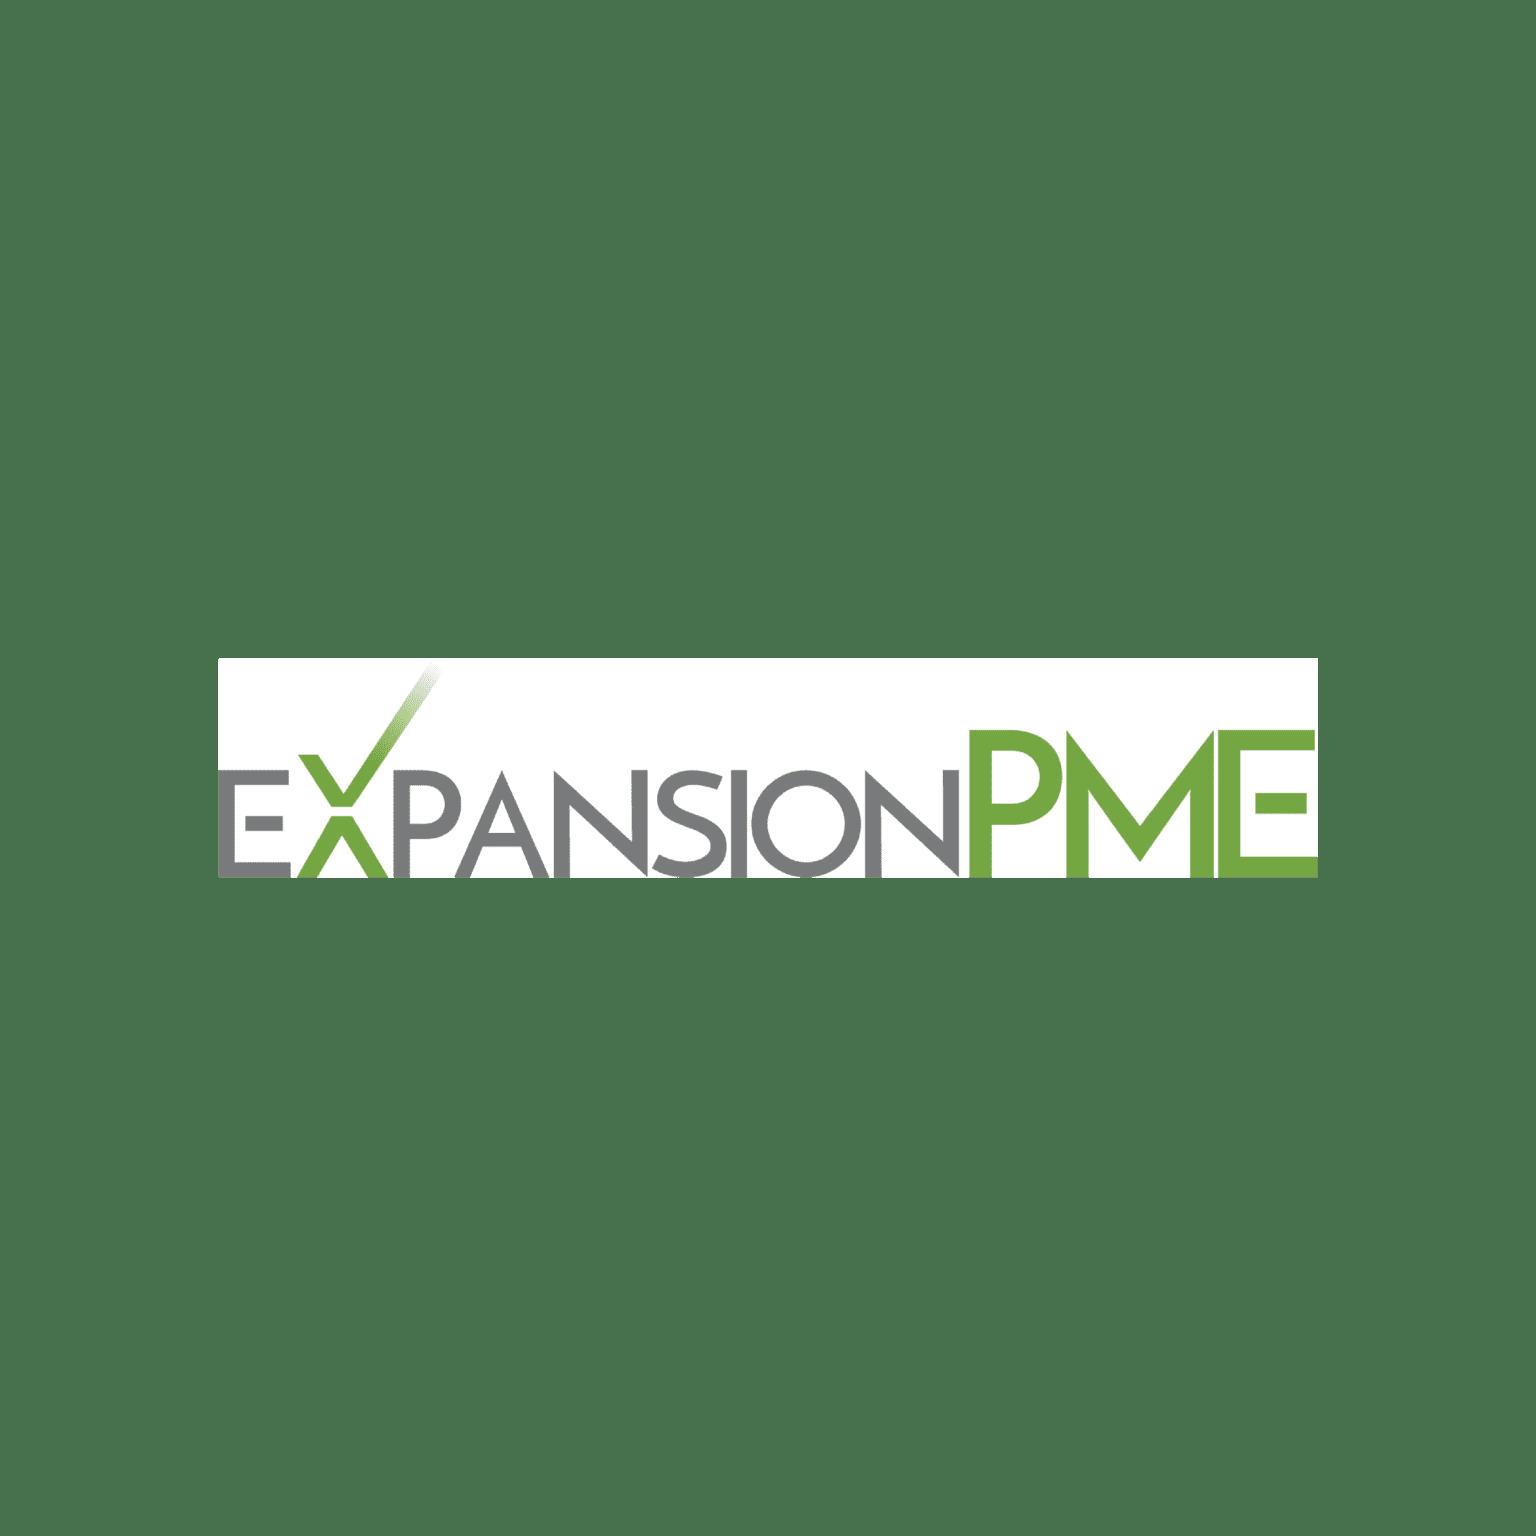 ExpansionPME